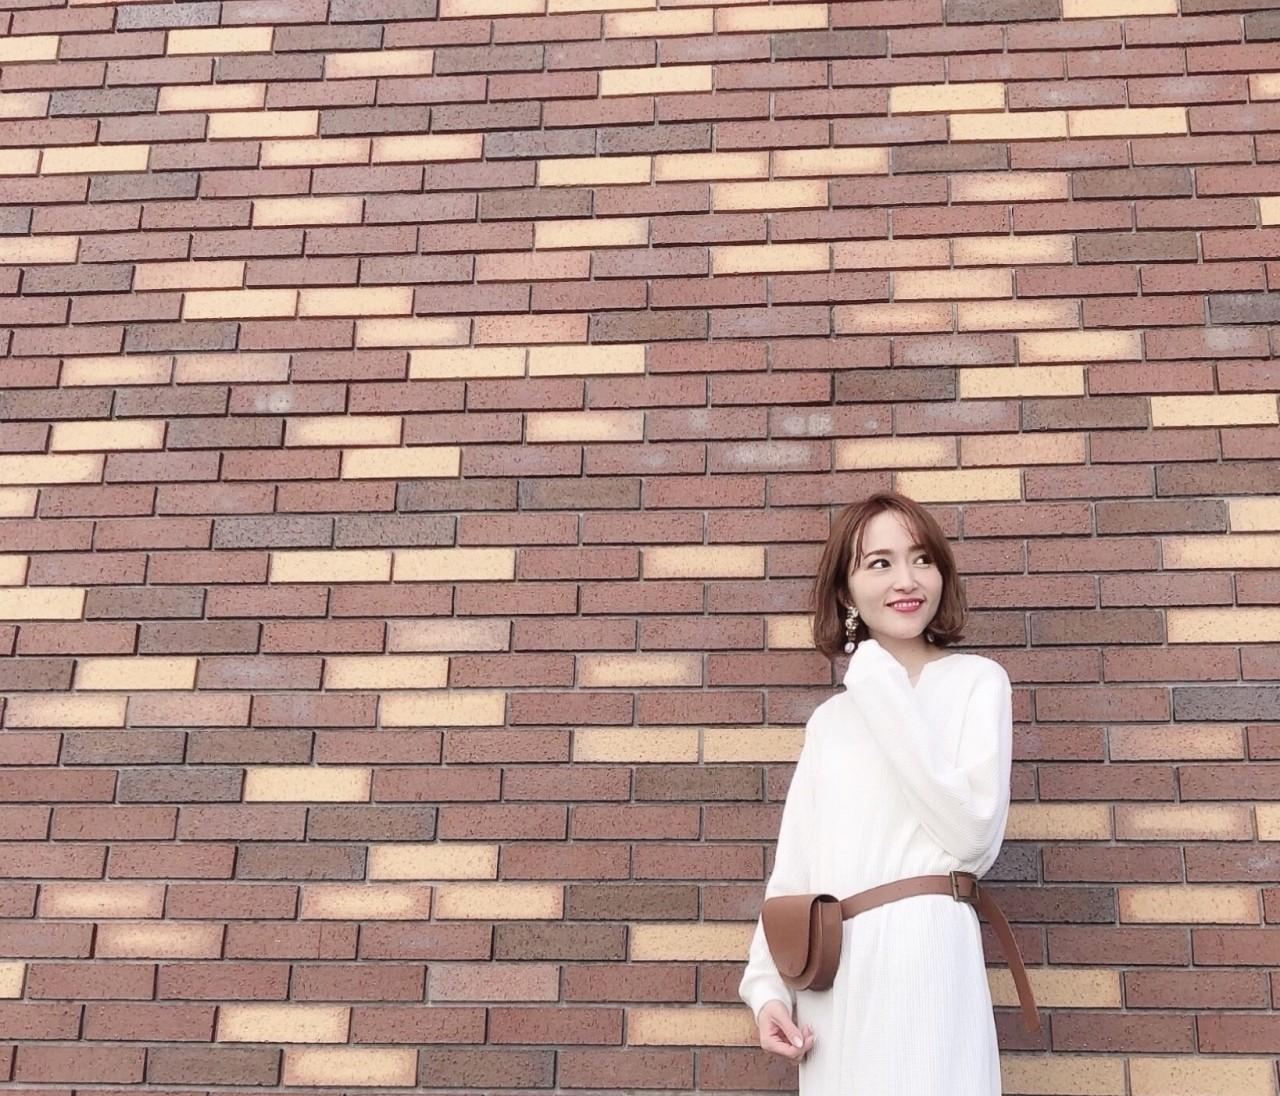 【BAILA 6月号】ワンピース×フラット靴で大人の可愛げMAX コーデ♡